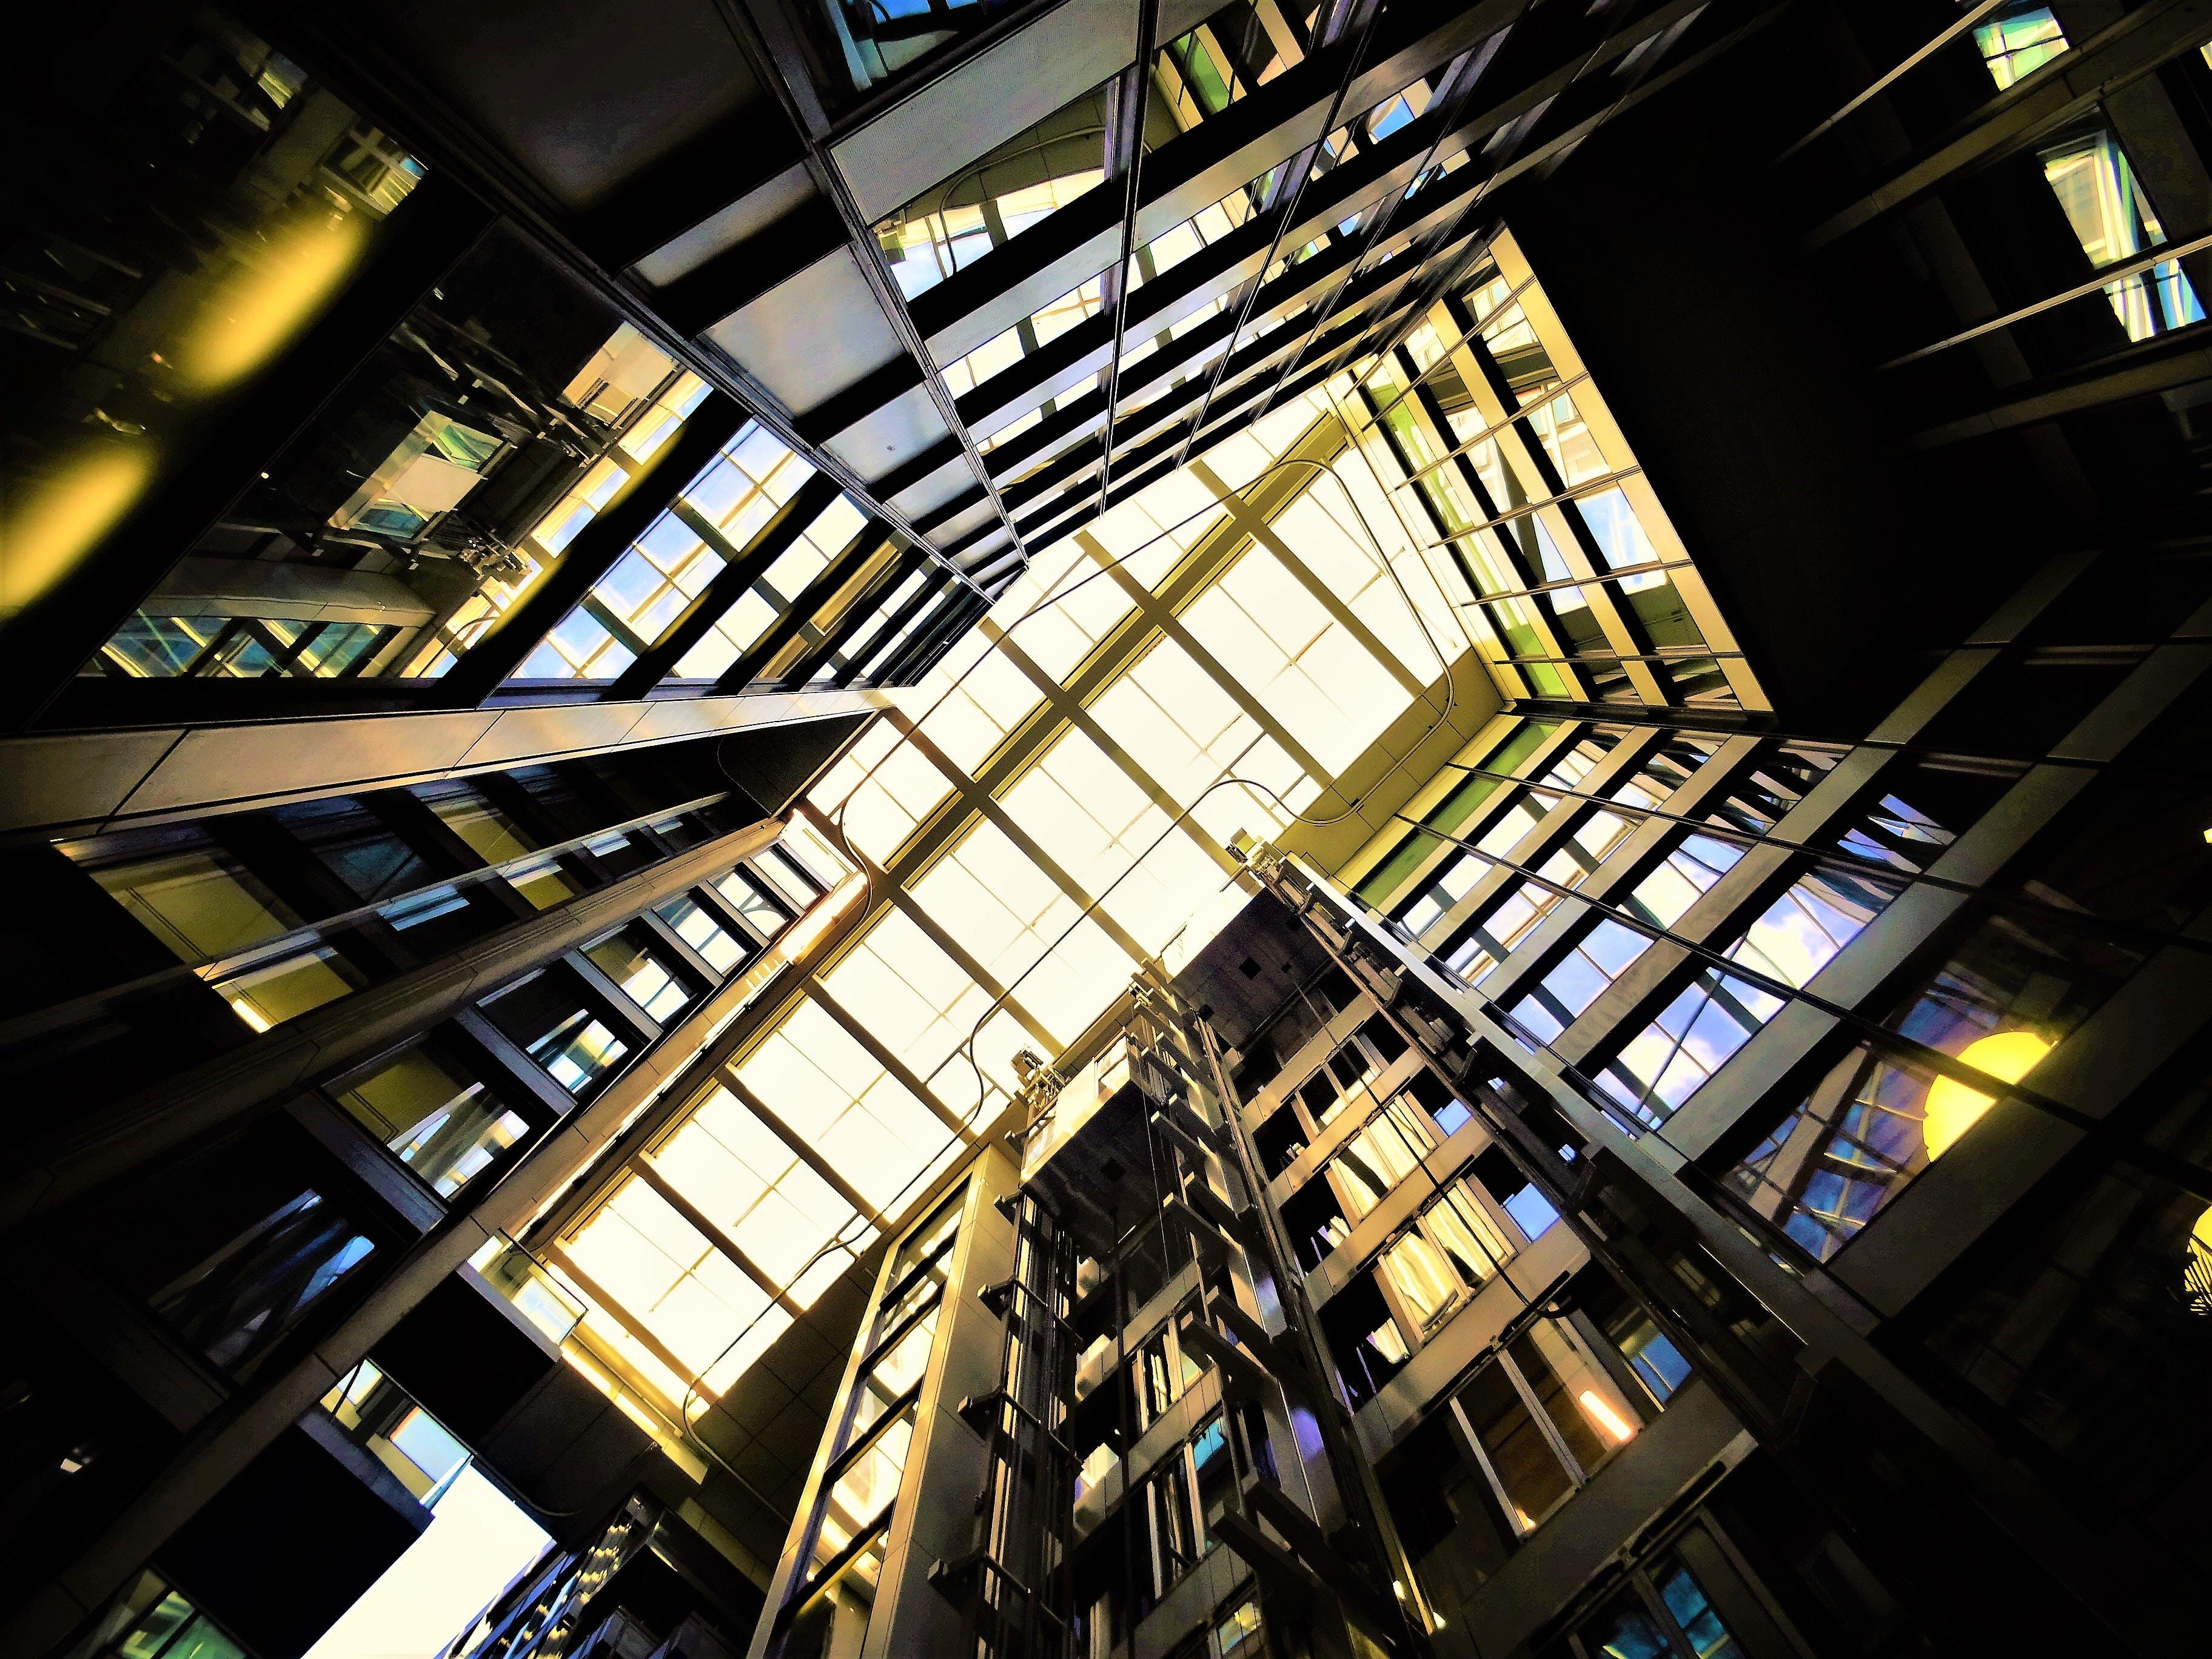 Kostenloses Stock Foto zu architektur, aufnahme von unten, decke, drinnen